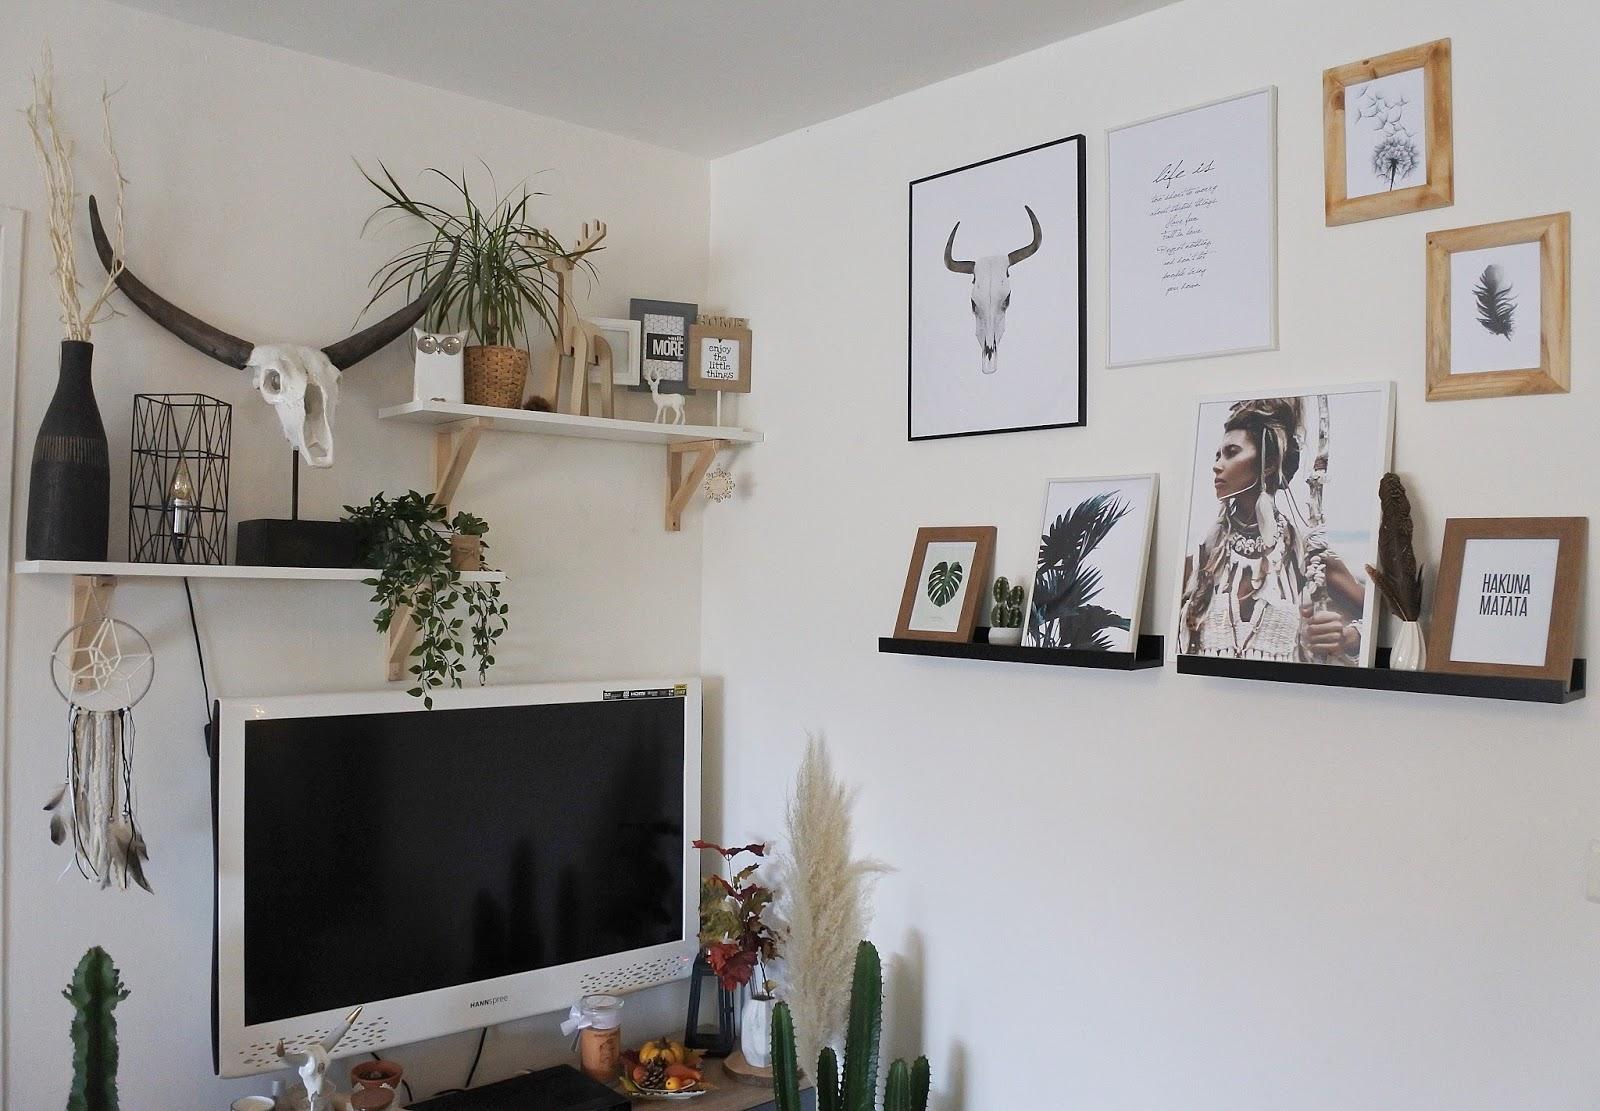 Les bons plans de cyrielle for Meuble tv centrakor